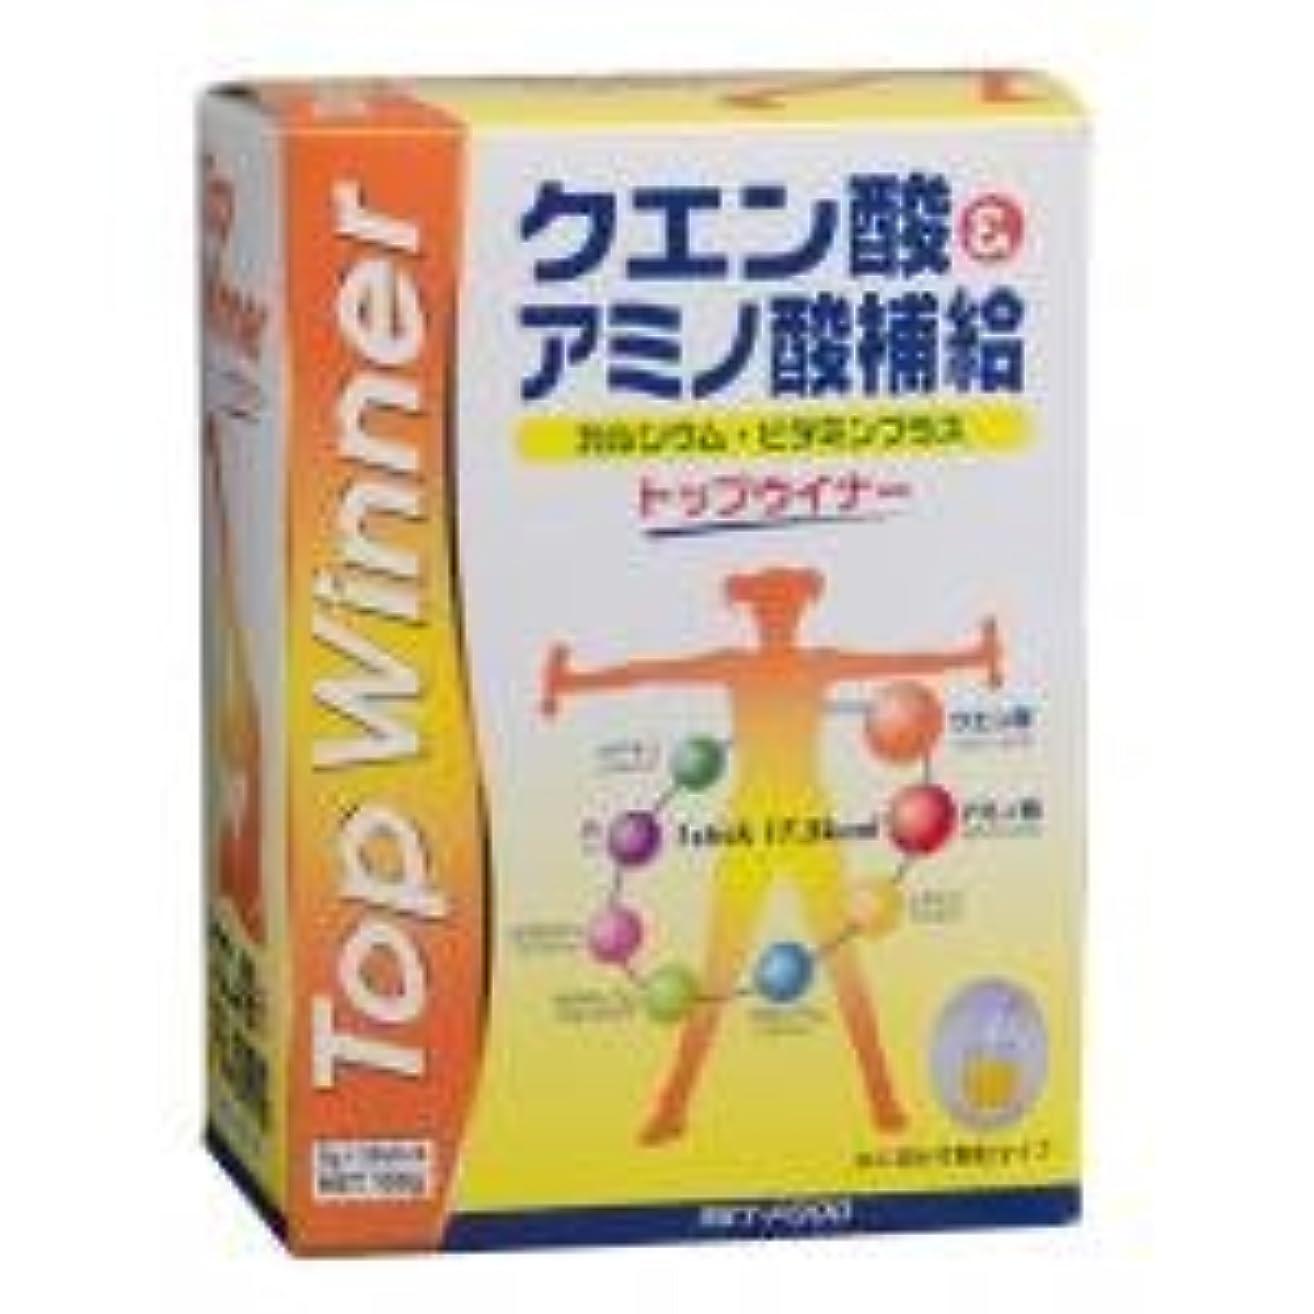 プラカード正しい便宜クエン酸&アミノ酸補給 トップウィナー 5g×30袋 0834372